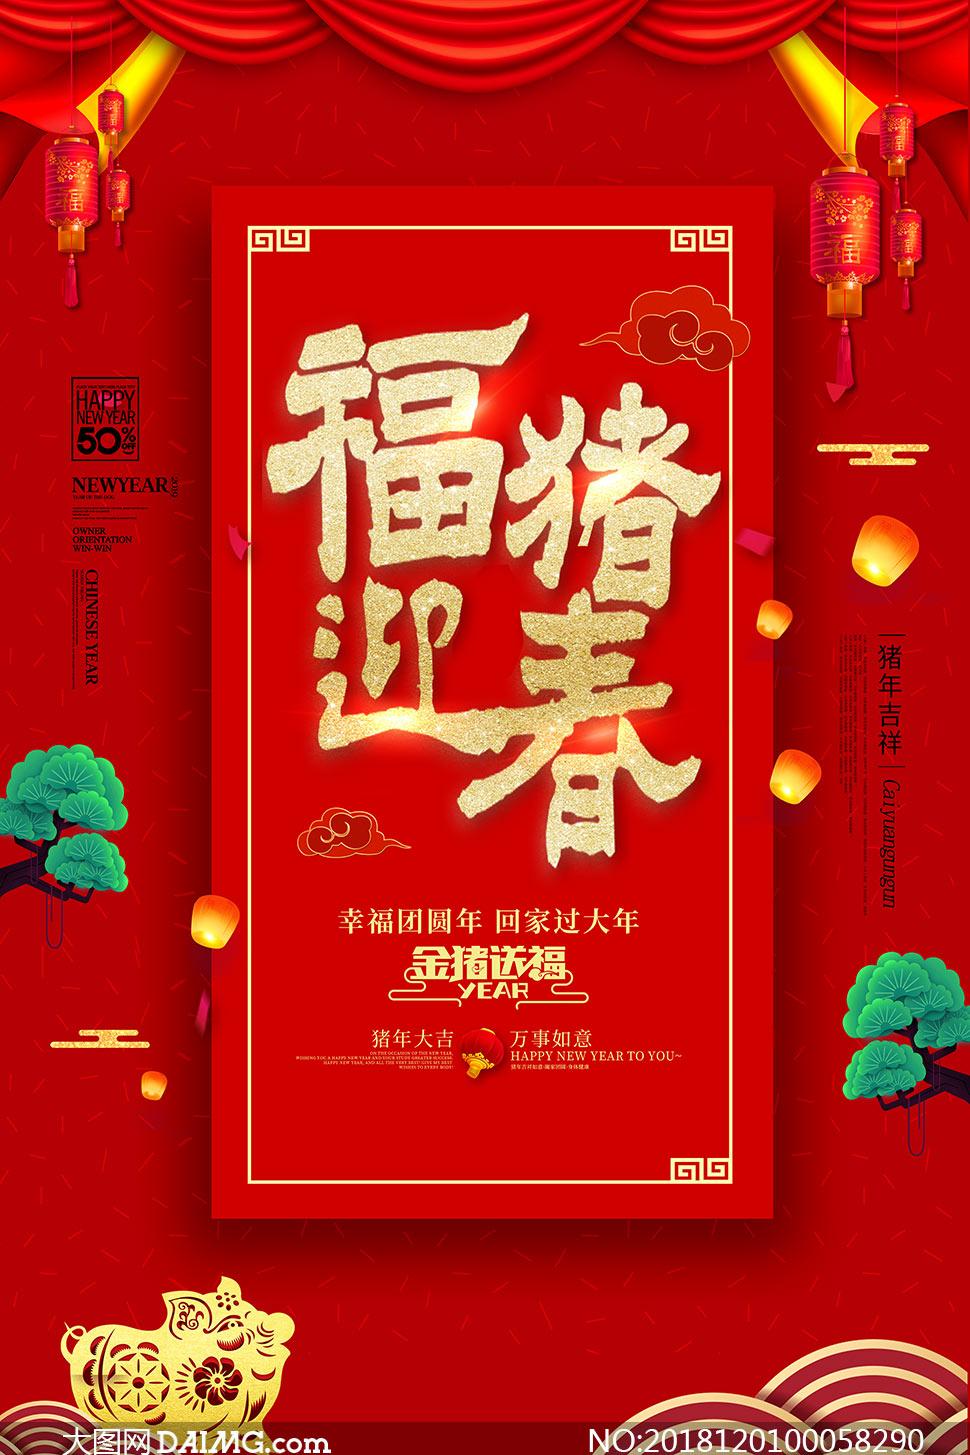 2019猪年迎春喜庆海报设计psd素材